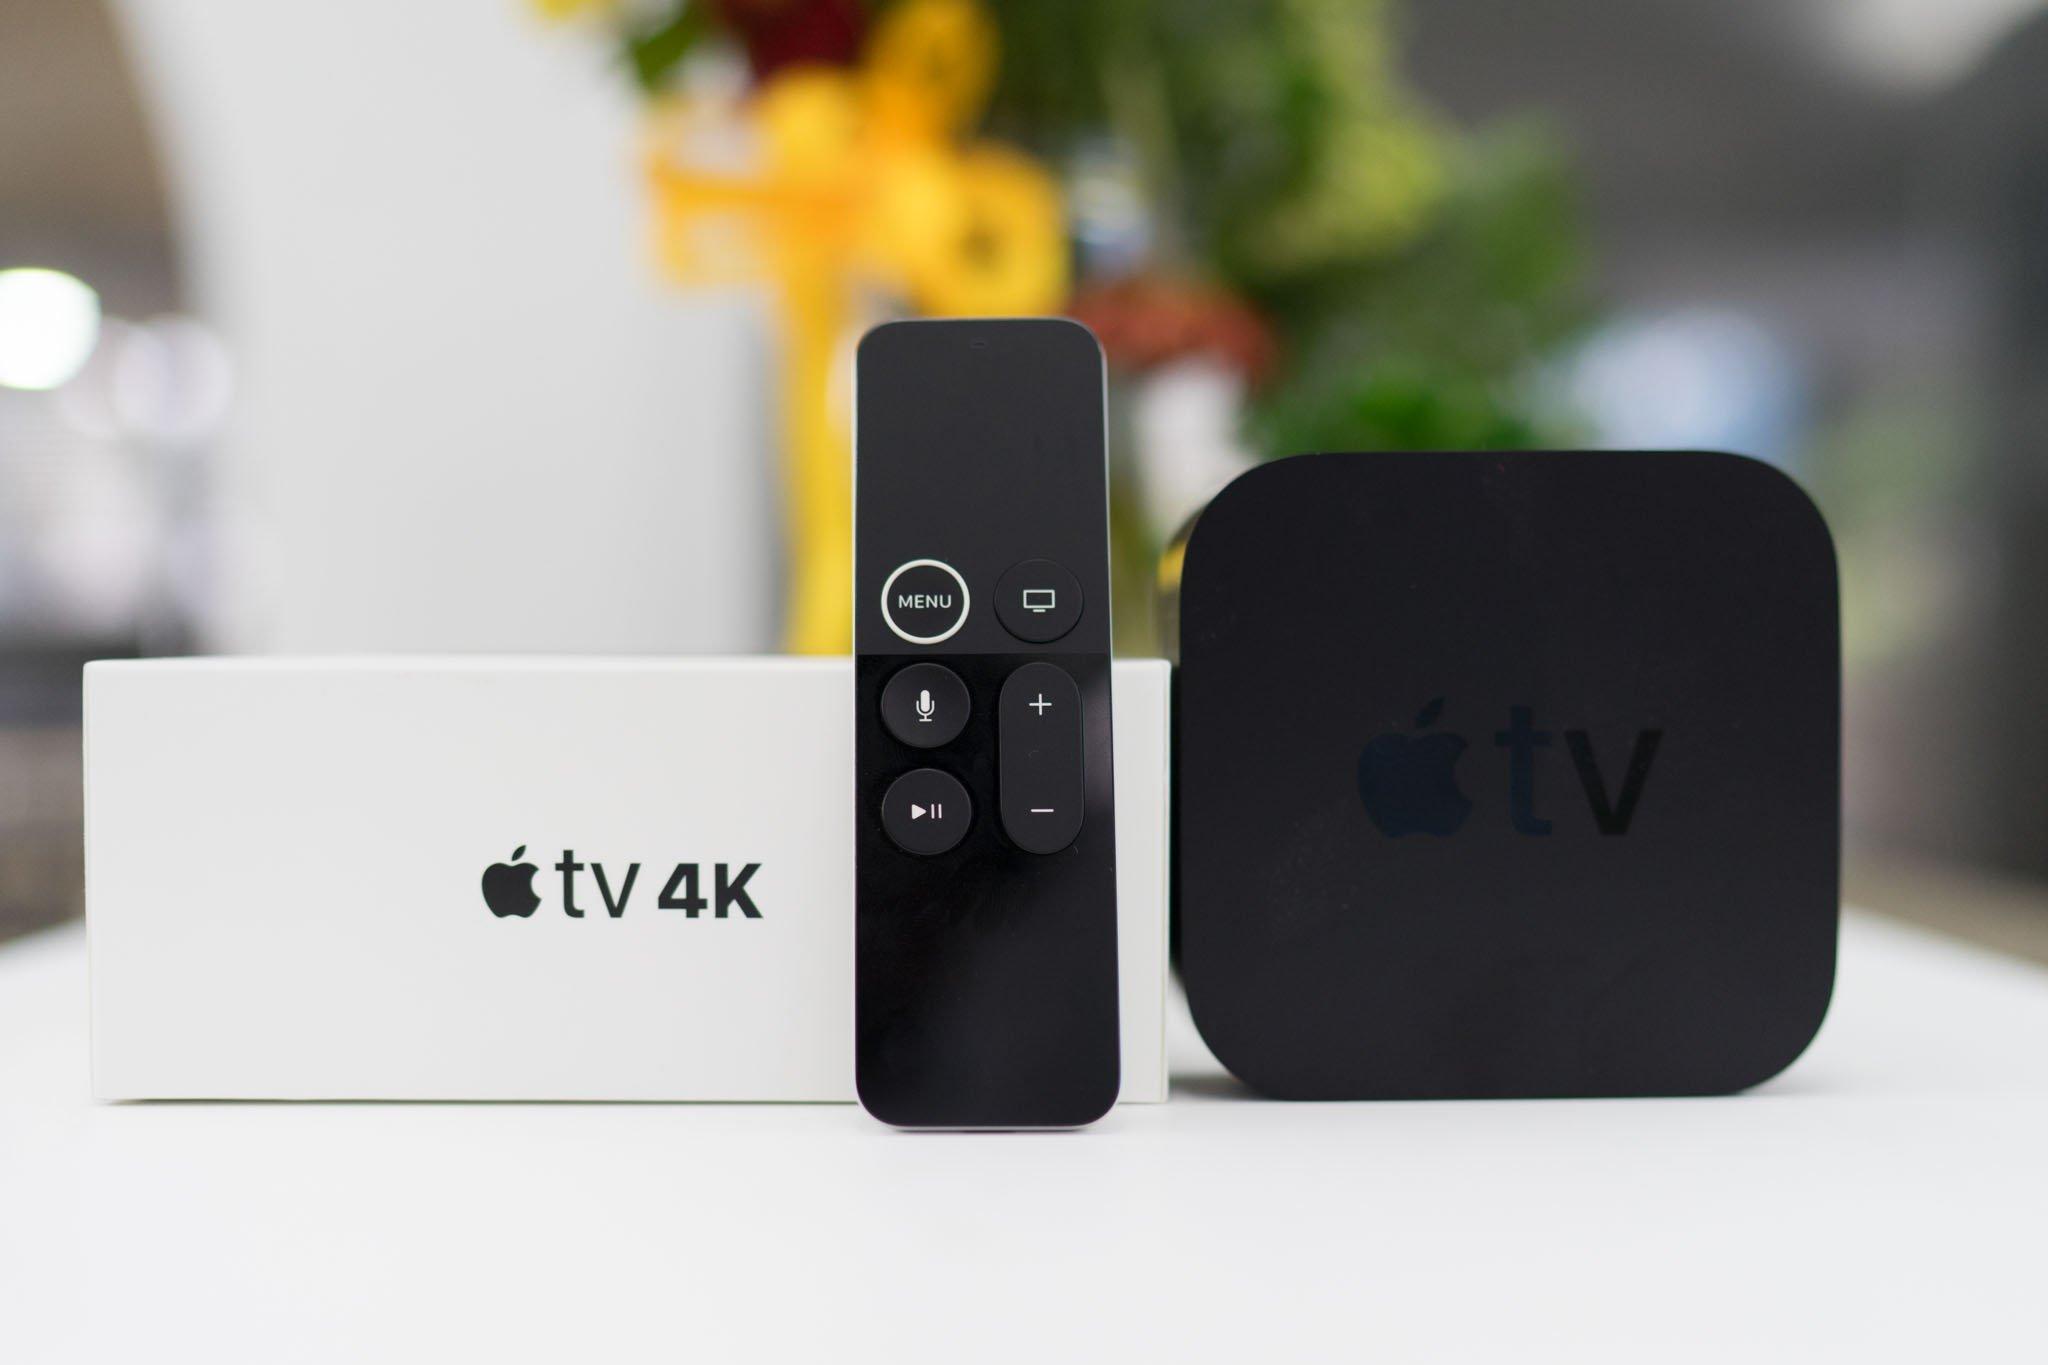 Hướng dẫn cài đặt Apple TV 4K Gen 5 - Gu Công Nghệ